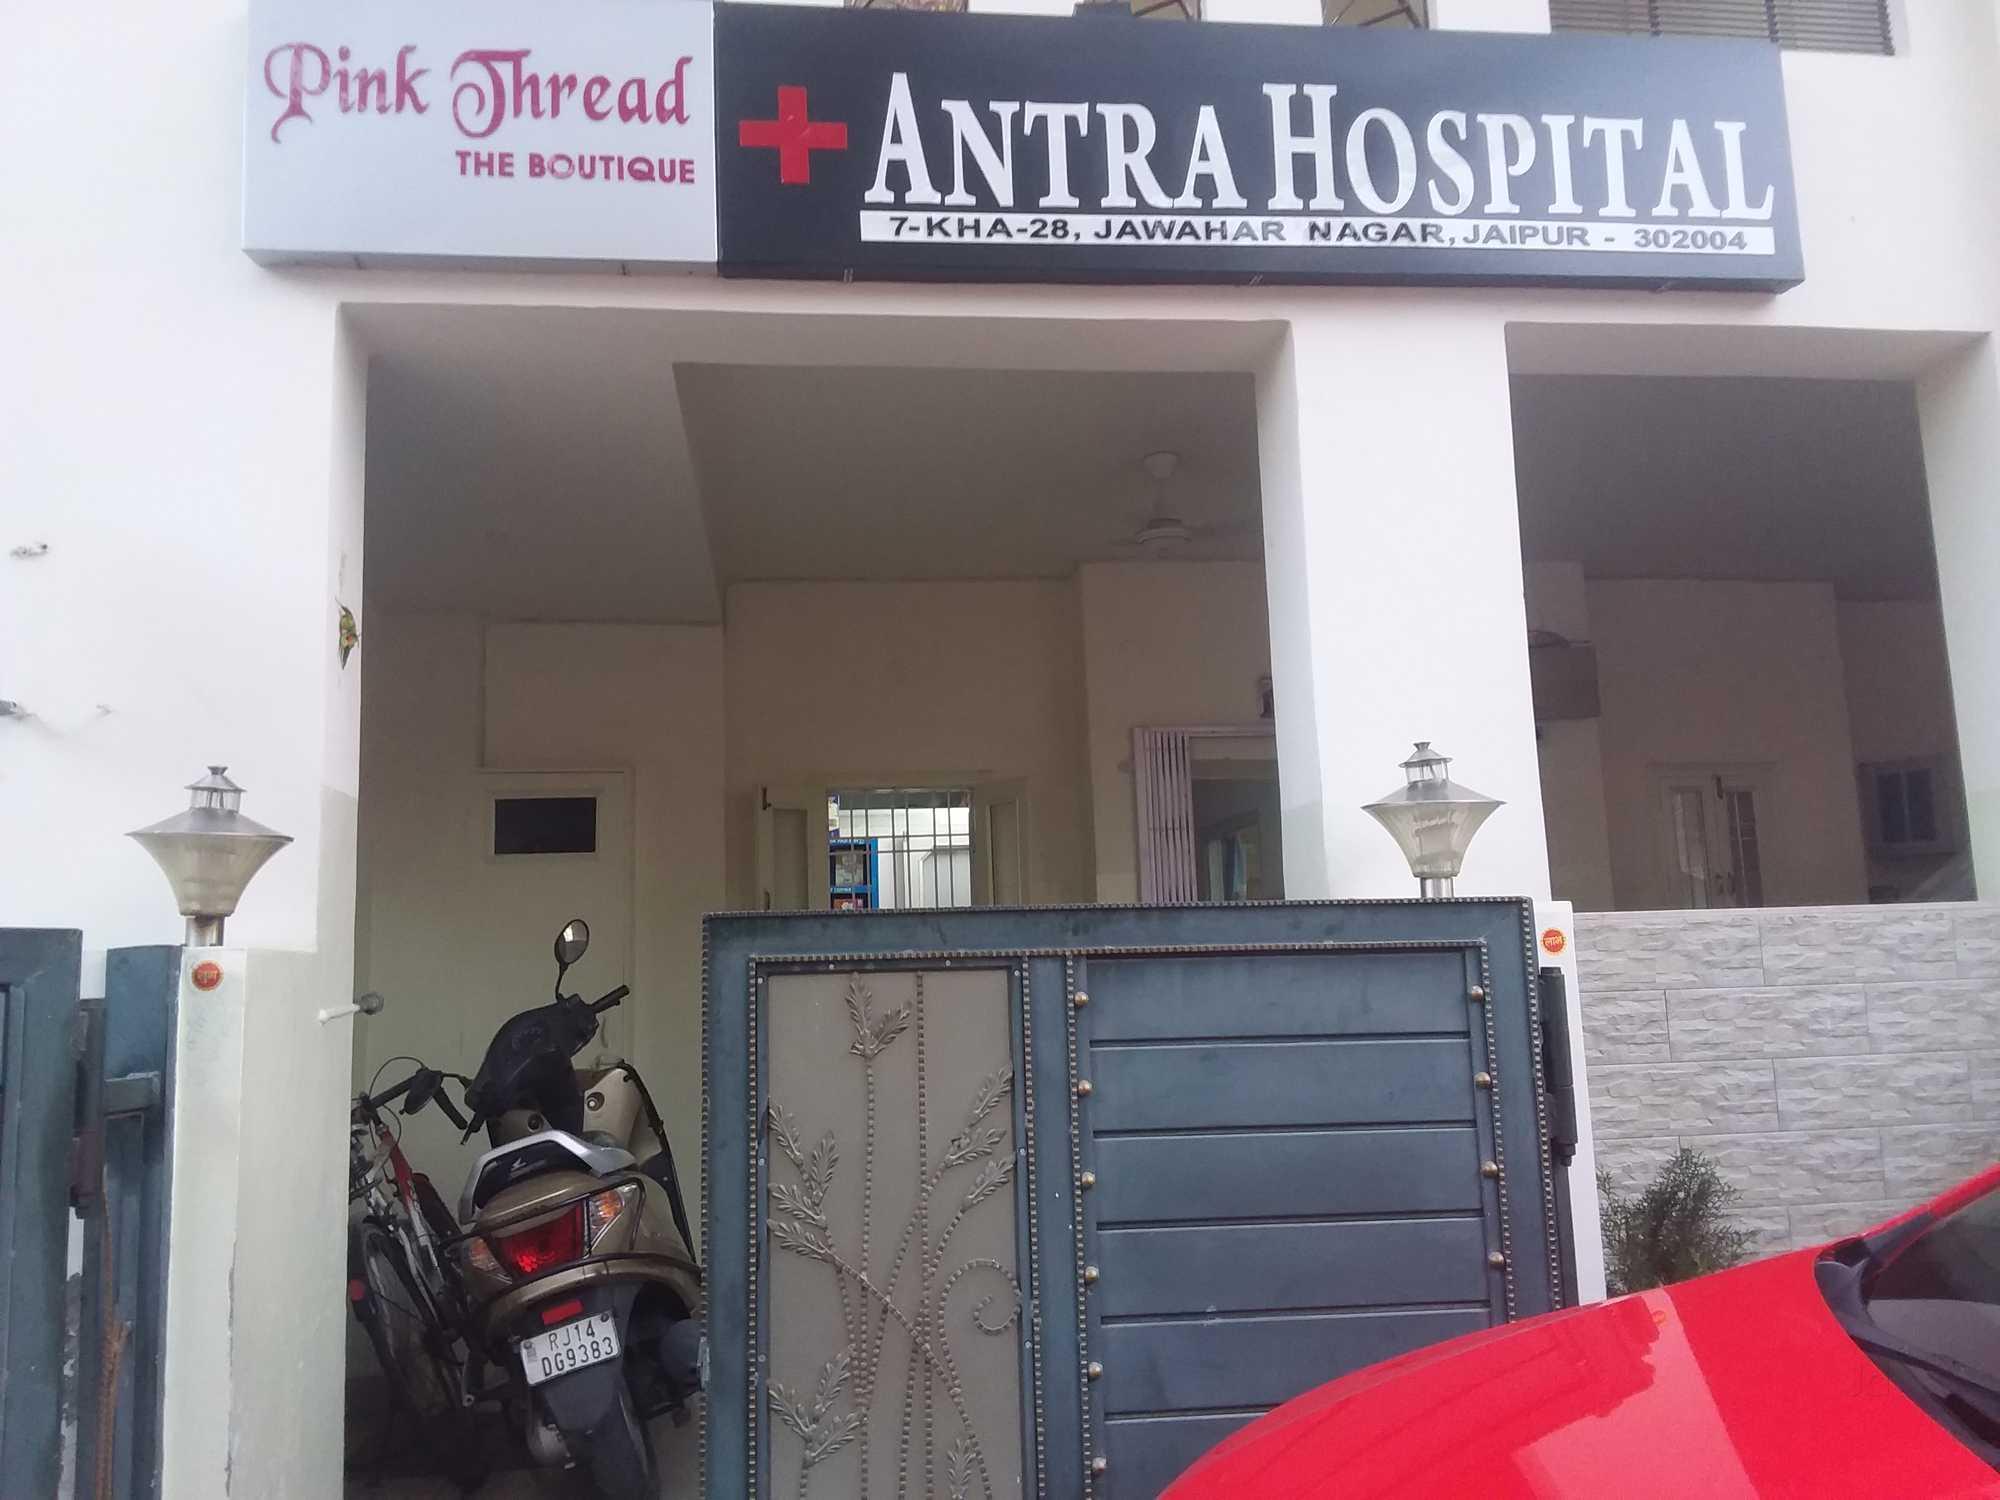 Antra Hospital - Jawahar Nagar - Jaipur Image